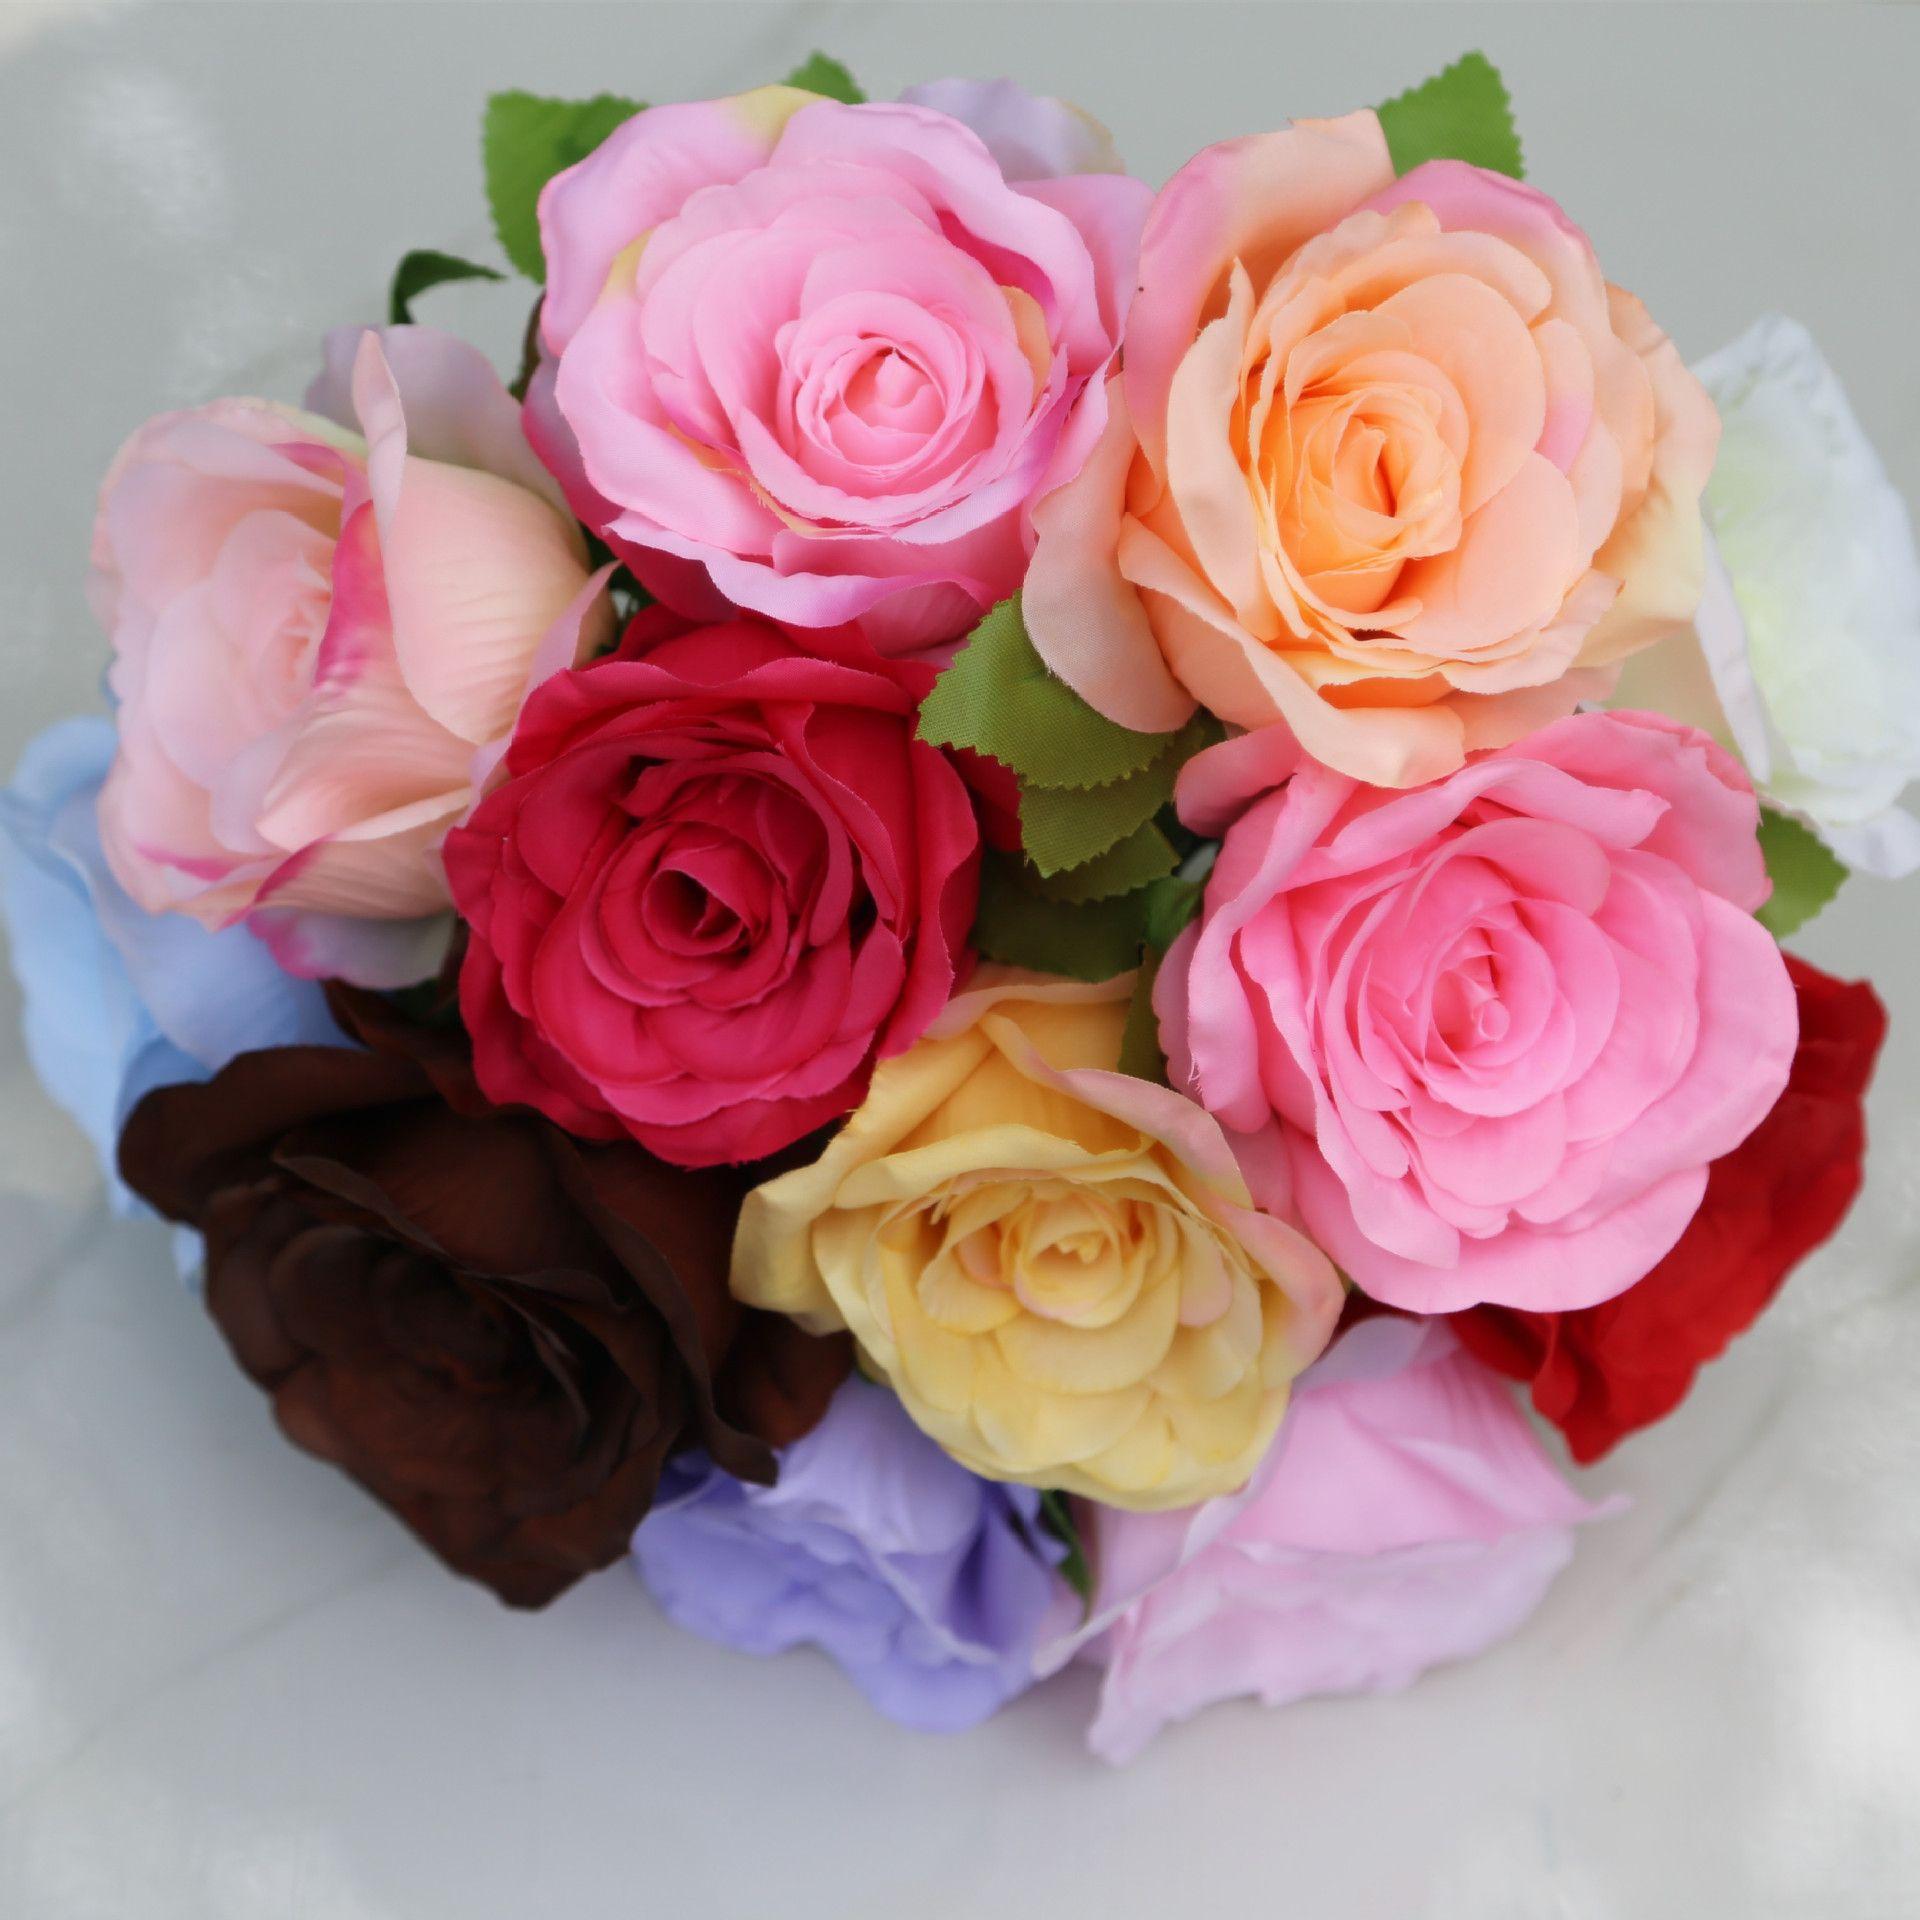 Yapay Çiçekler İpek Güller Buket Ev Düğün Dekorasyon Paketi 50 Adet 24 Renk Seç HB-032